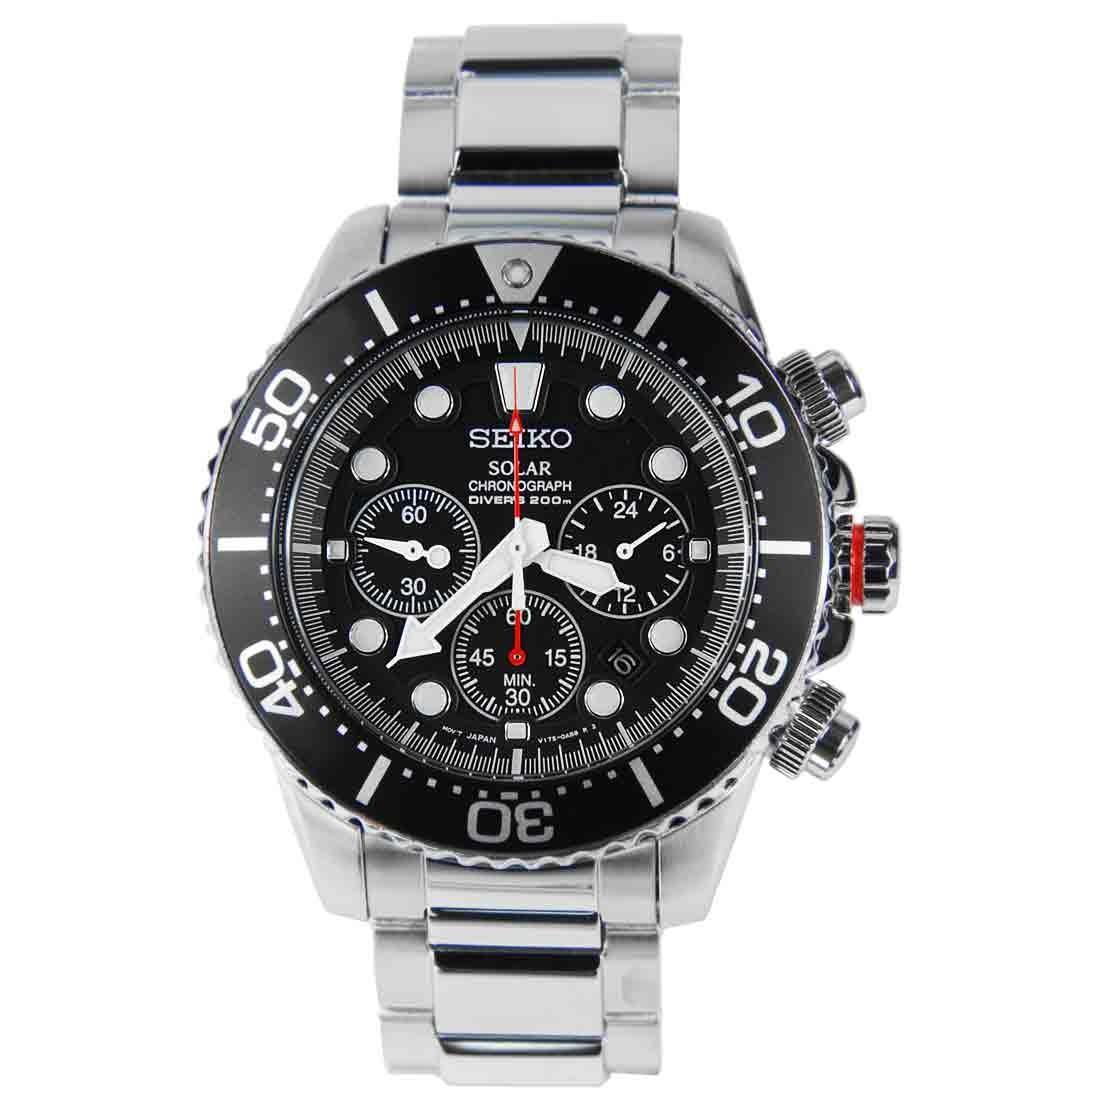 นาฬิกาผู้ชาย SEIKO Solar Chronograph Diver's 200m Men's Watch รุ่น SSC015P1